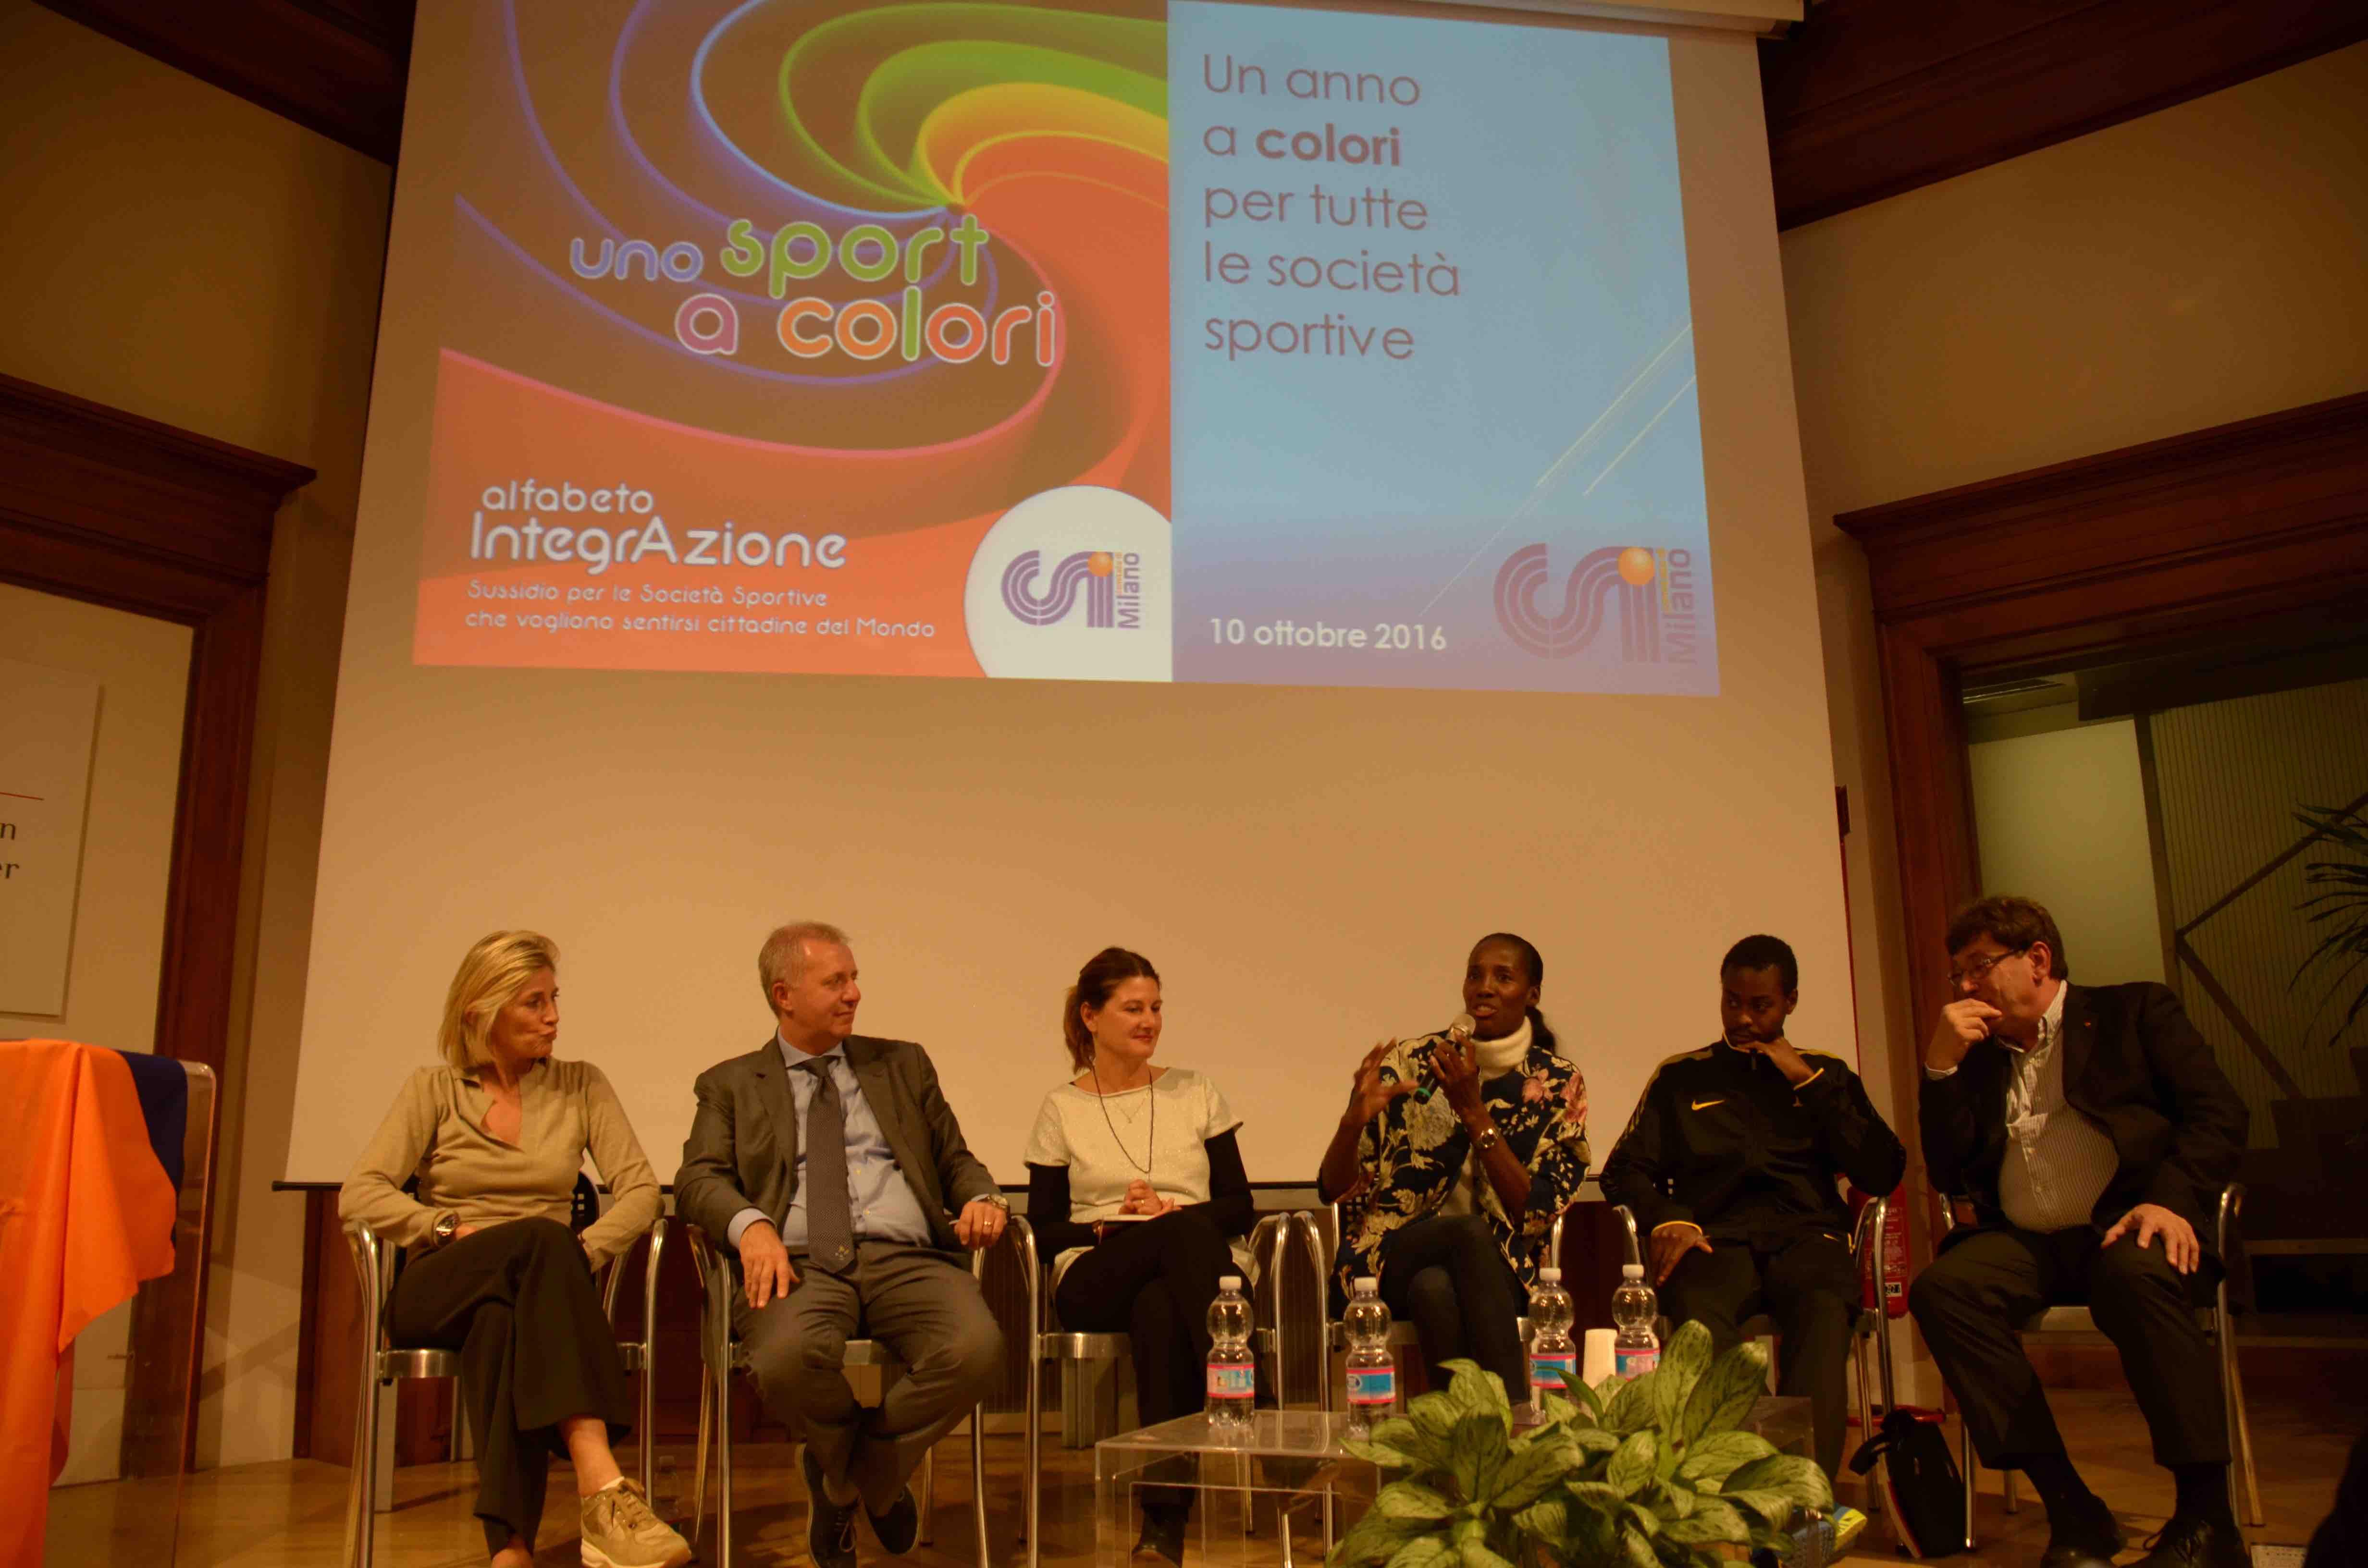 """Scaricate il sussidio """"Uno sport a colori"""" dal CSI Milano"""